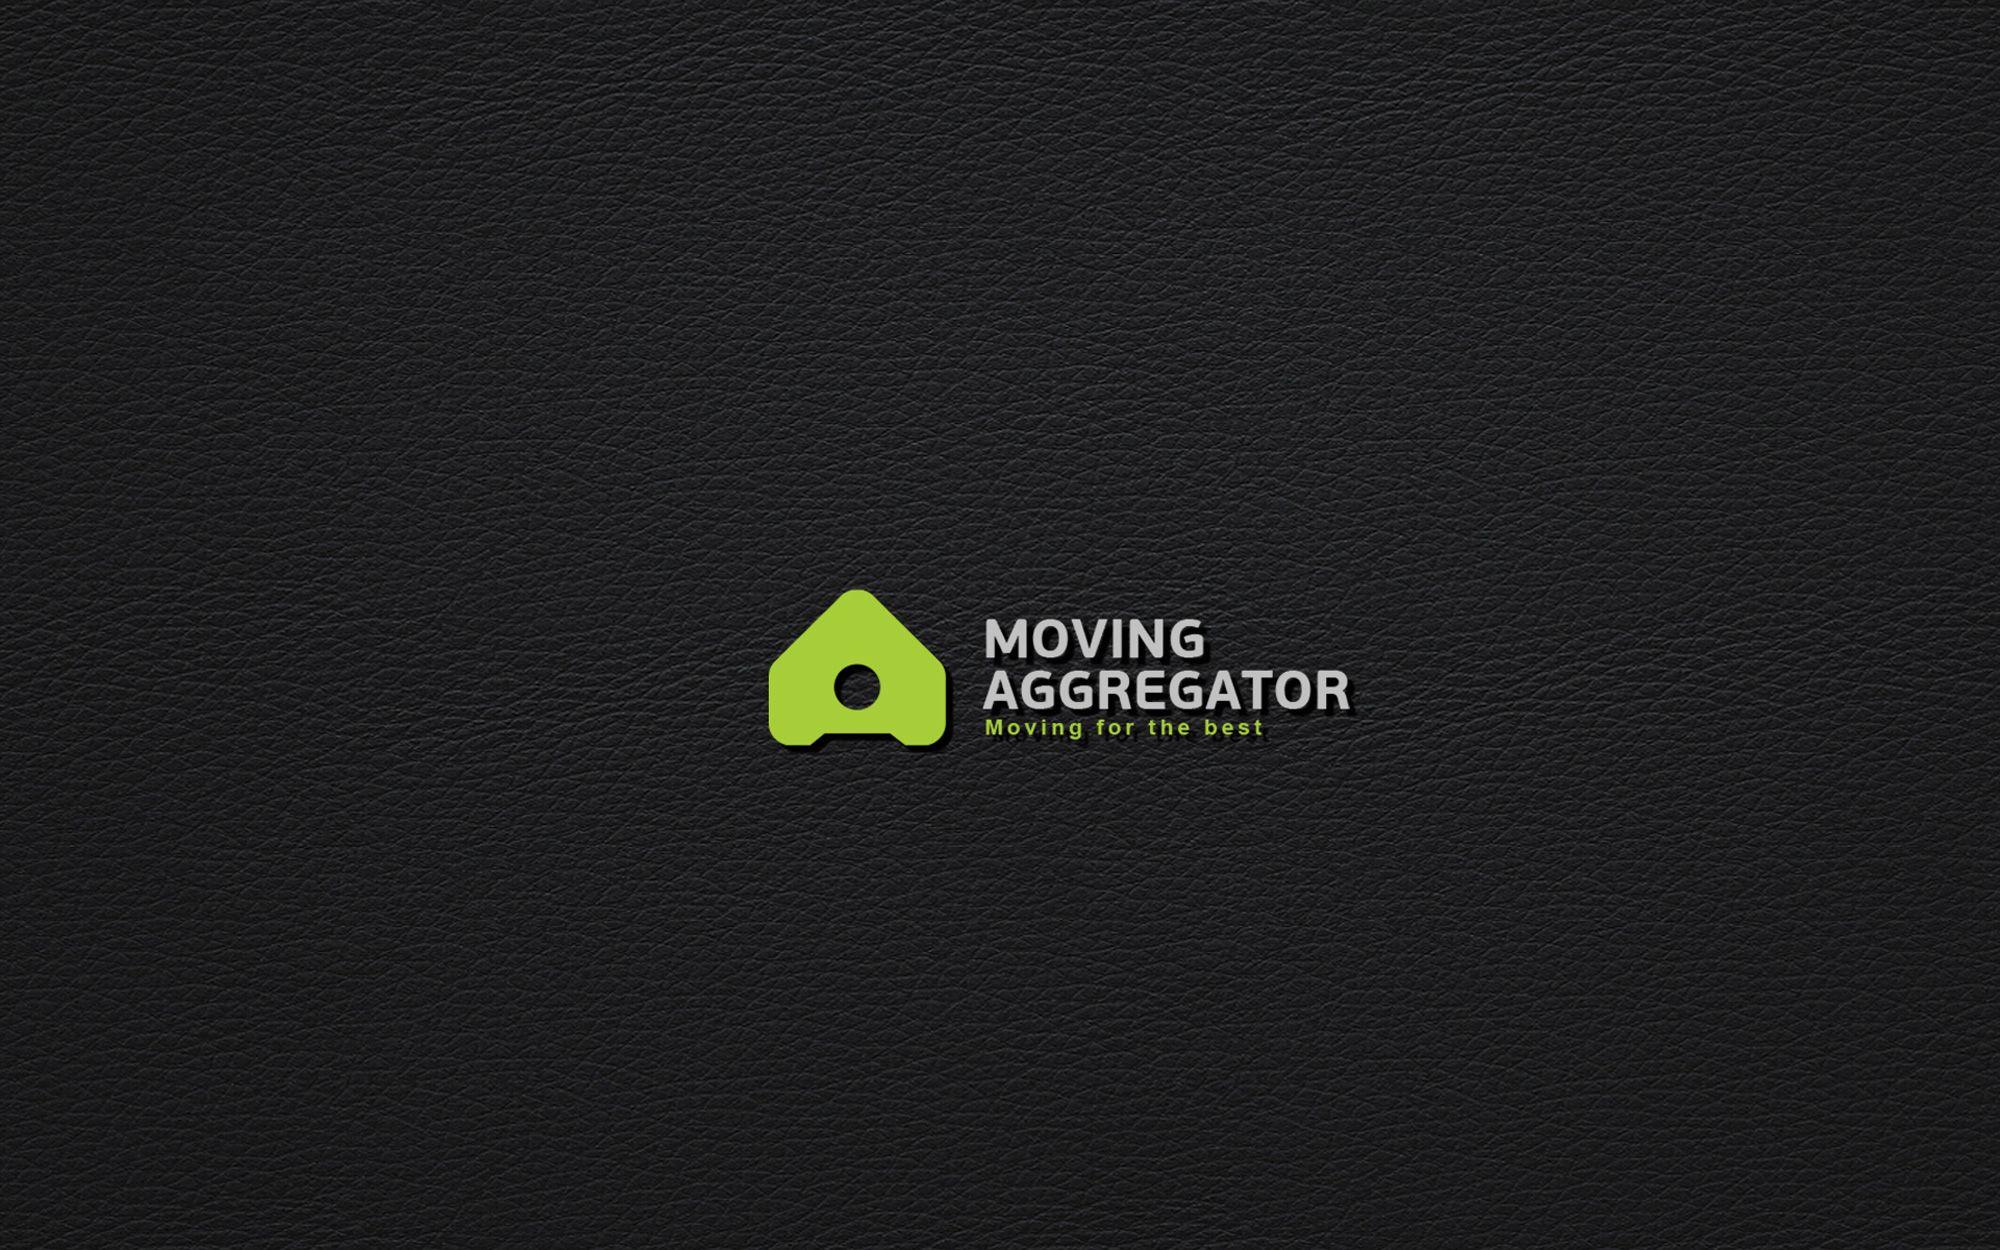 Логотип для компании Агрегатор переездов - дизайнер Alphir